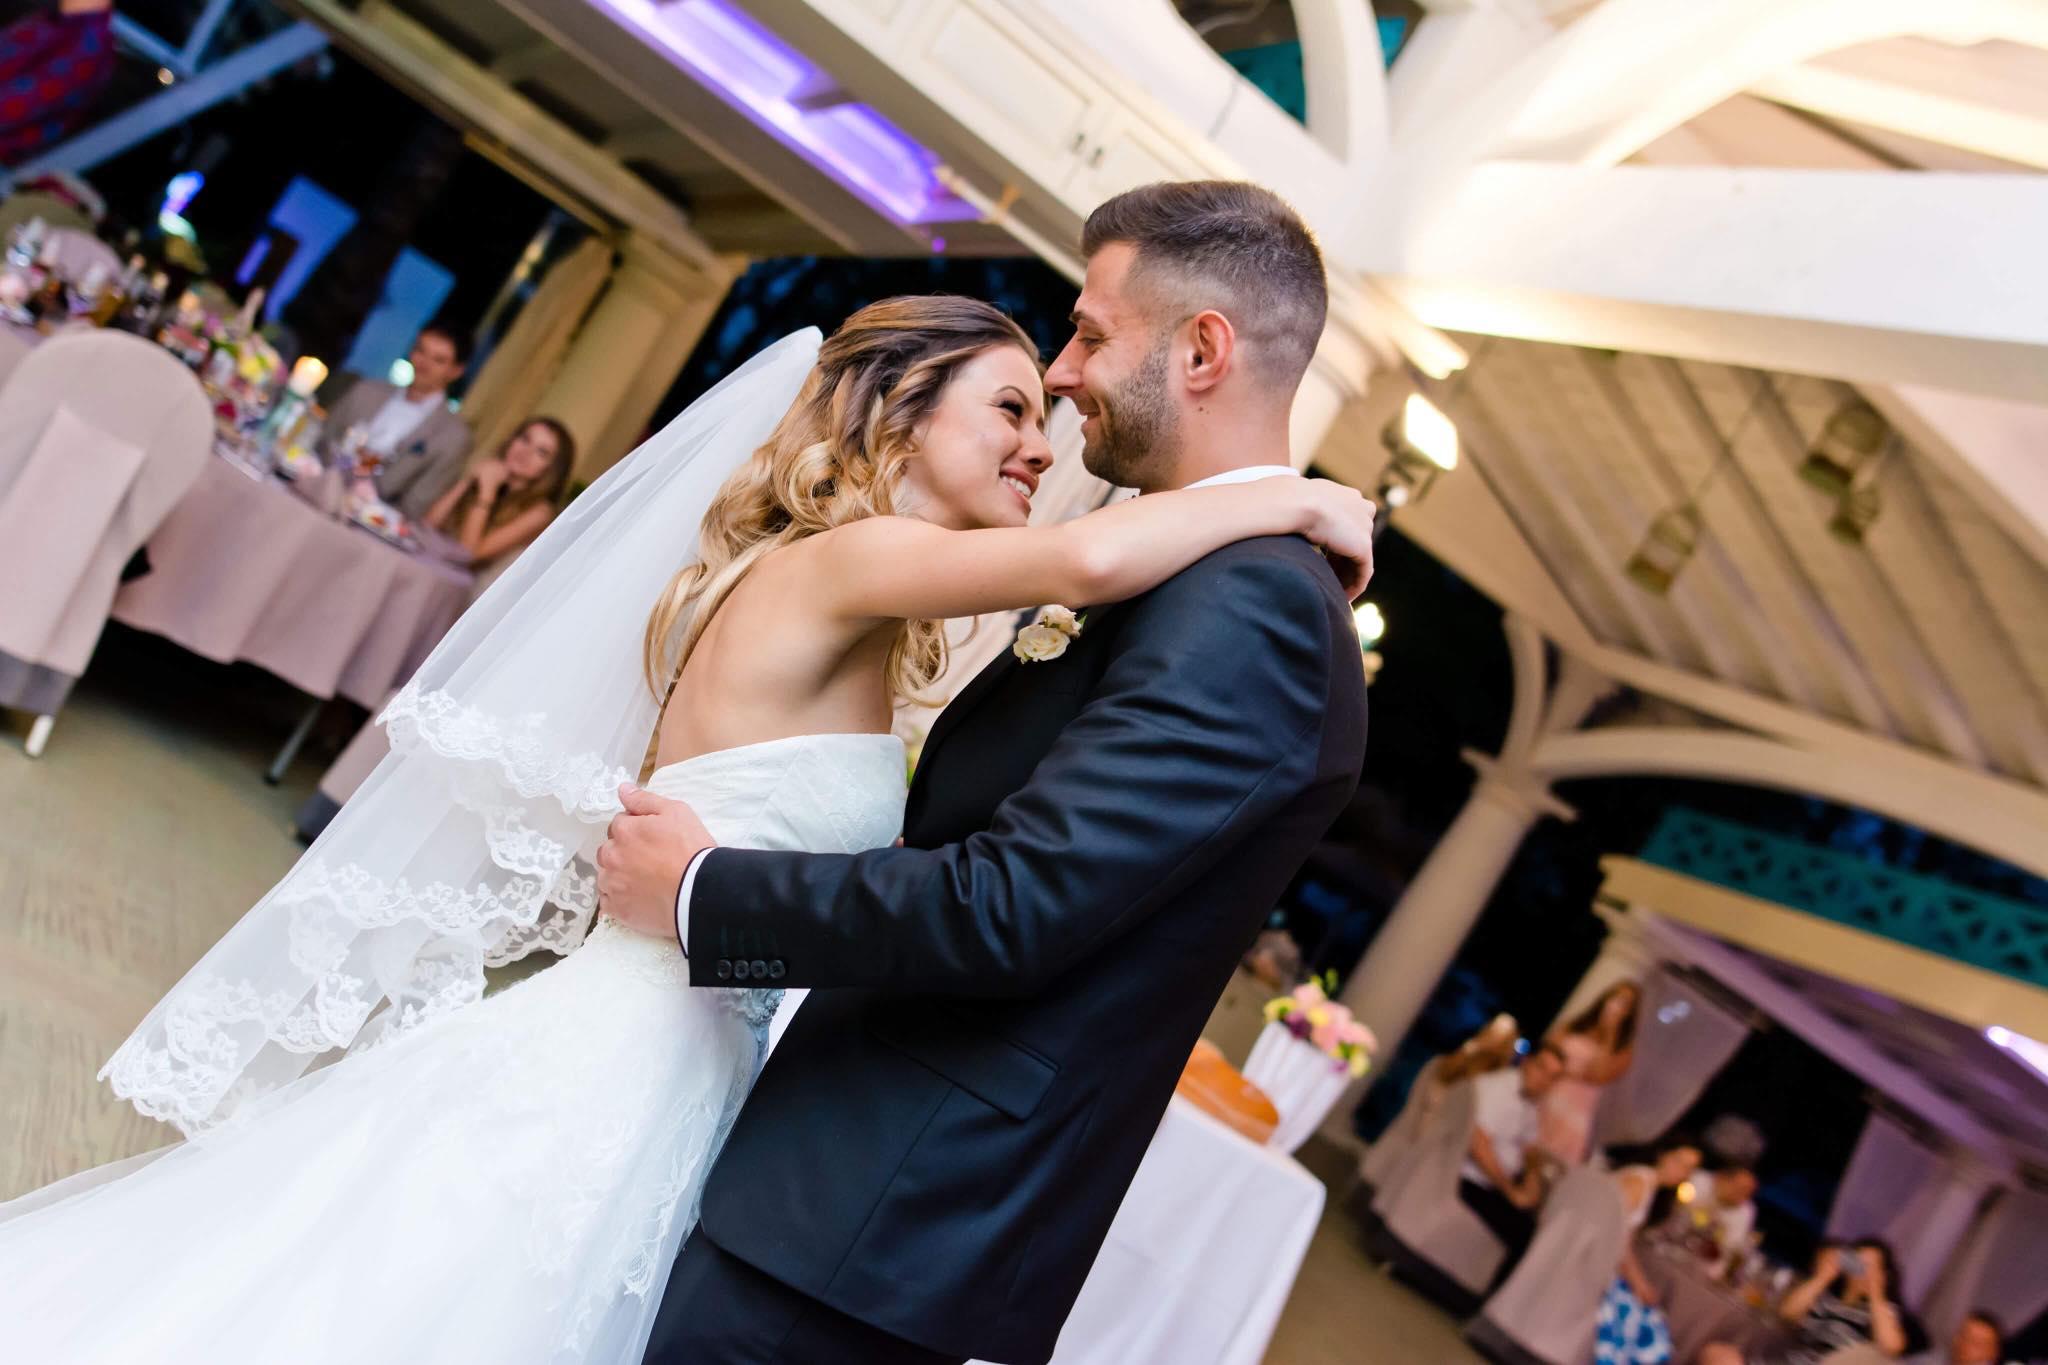 """Още една от уникалните сватби, на която топ-водещия на България Теодор Тодоров бе част. Петя и Георги си казаха едно силно и голямо """"Да"""", показаха как любовта може да е весела и носеща усмивки на всички. Благодарим, че бяхме част от Вашето щуро приключение."""